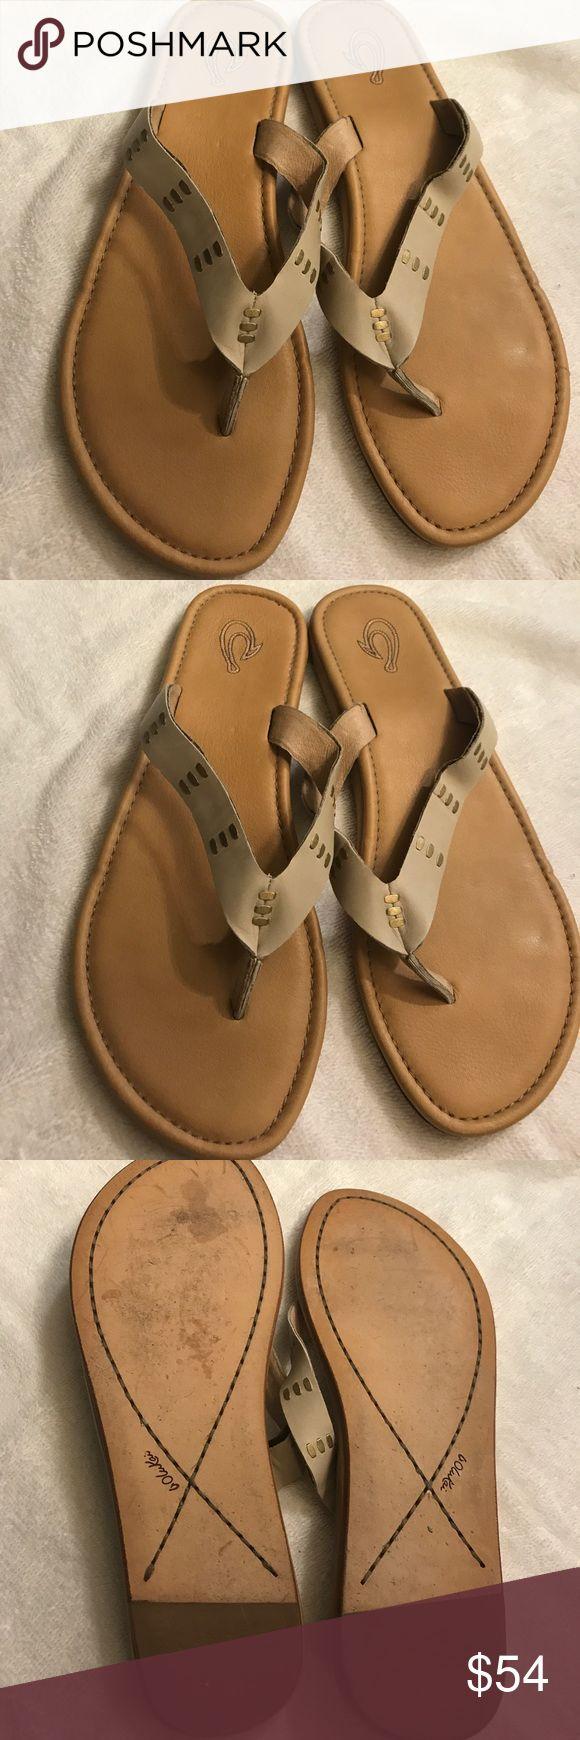 Olukai sandals size 39 Excellent condition. OluKai Shoes Sandals